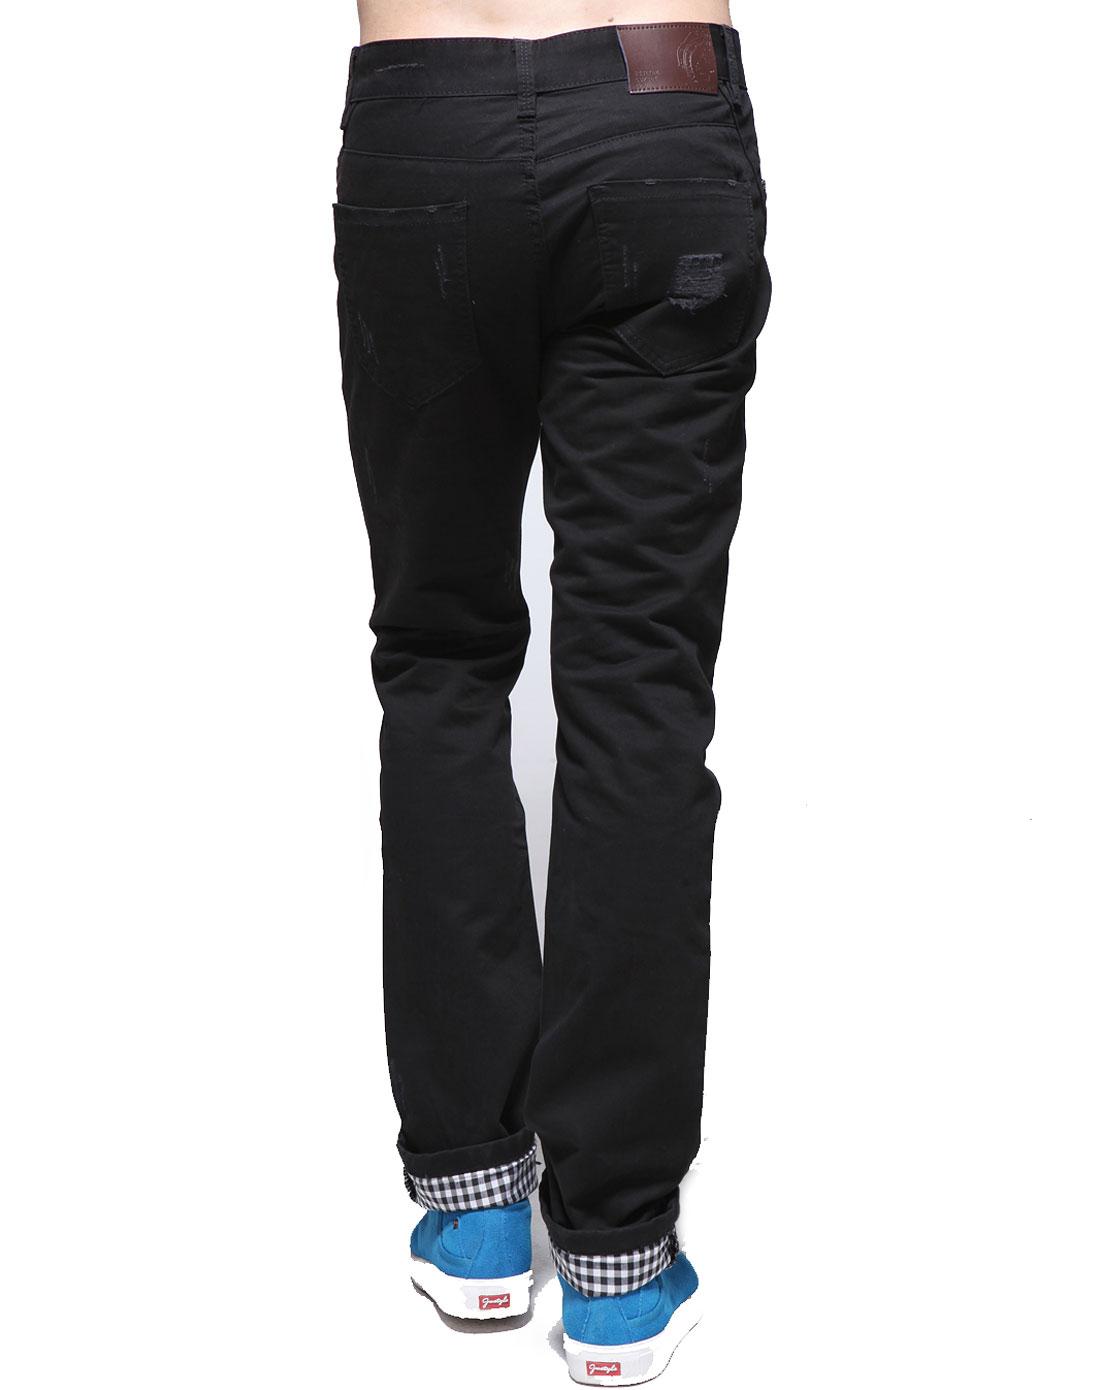 简时尚品justyle黑色休闲裤